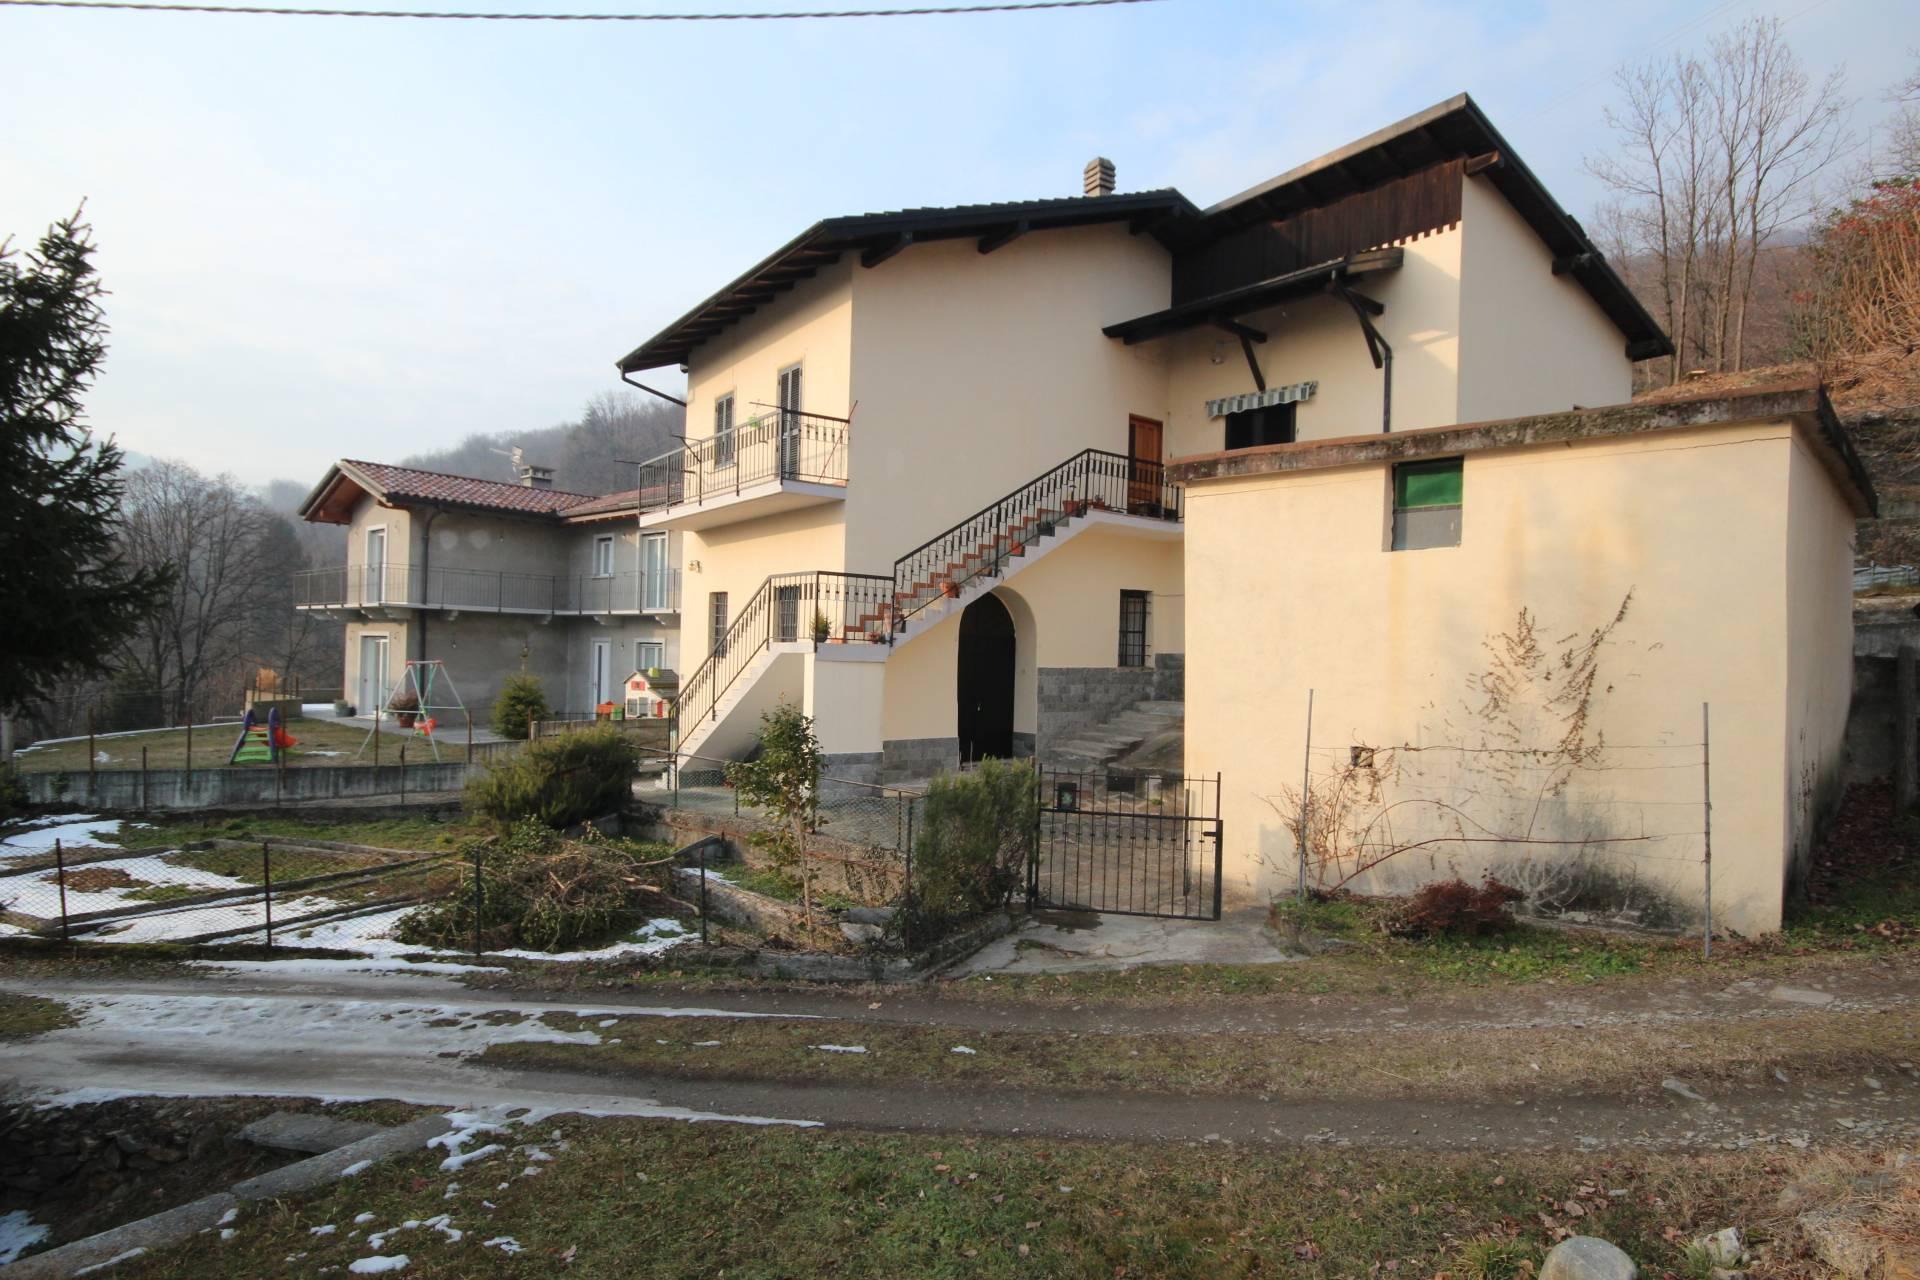 Soluzione Indipendente in vendita a Cossogno, 6 locali, prezzo € 230.000 | CambioCasa.it